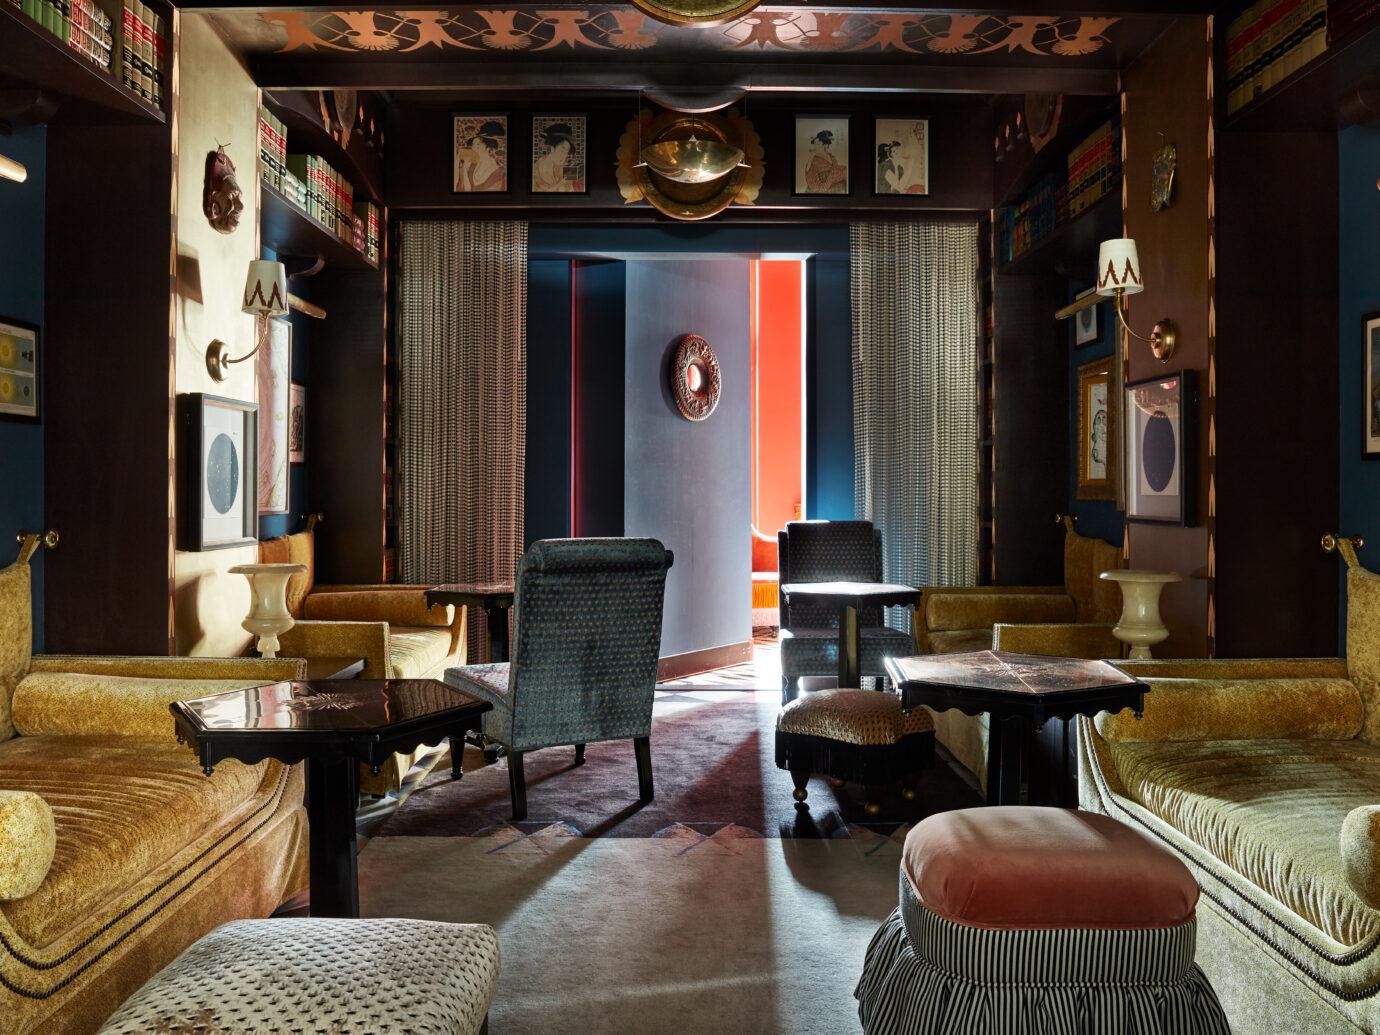 Salon at Maison de la Luz